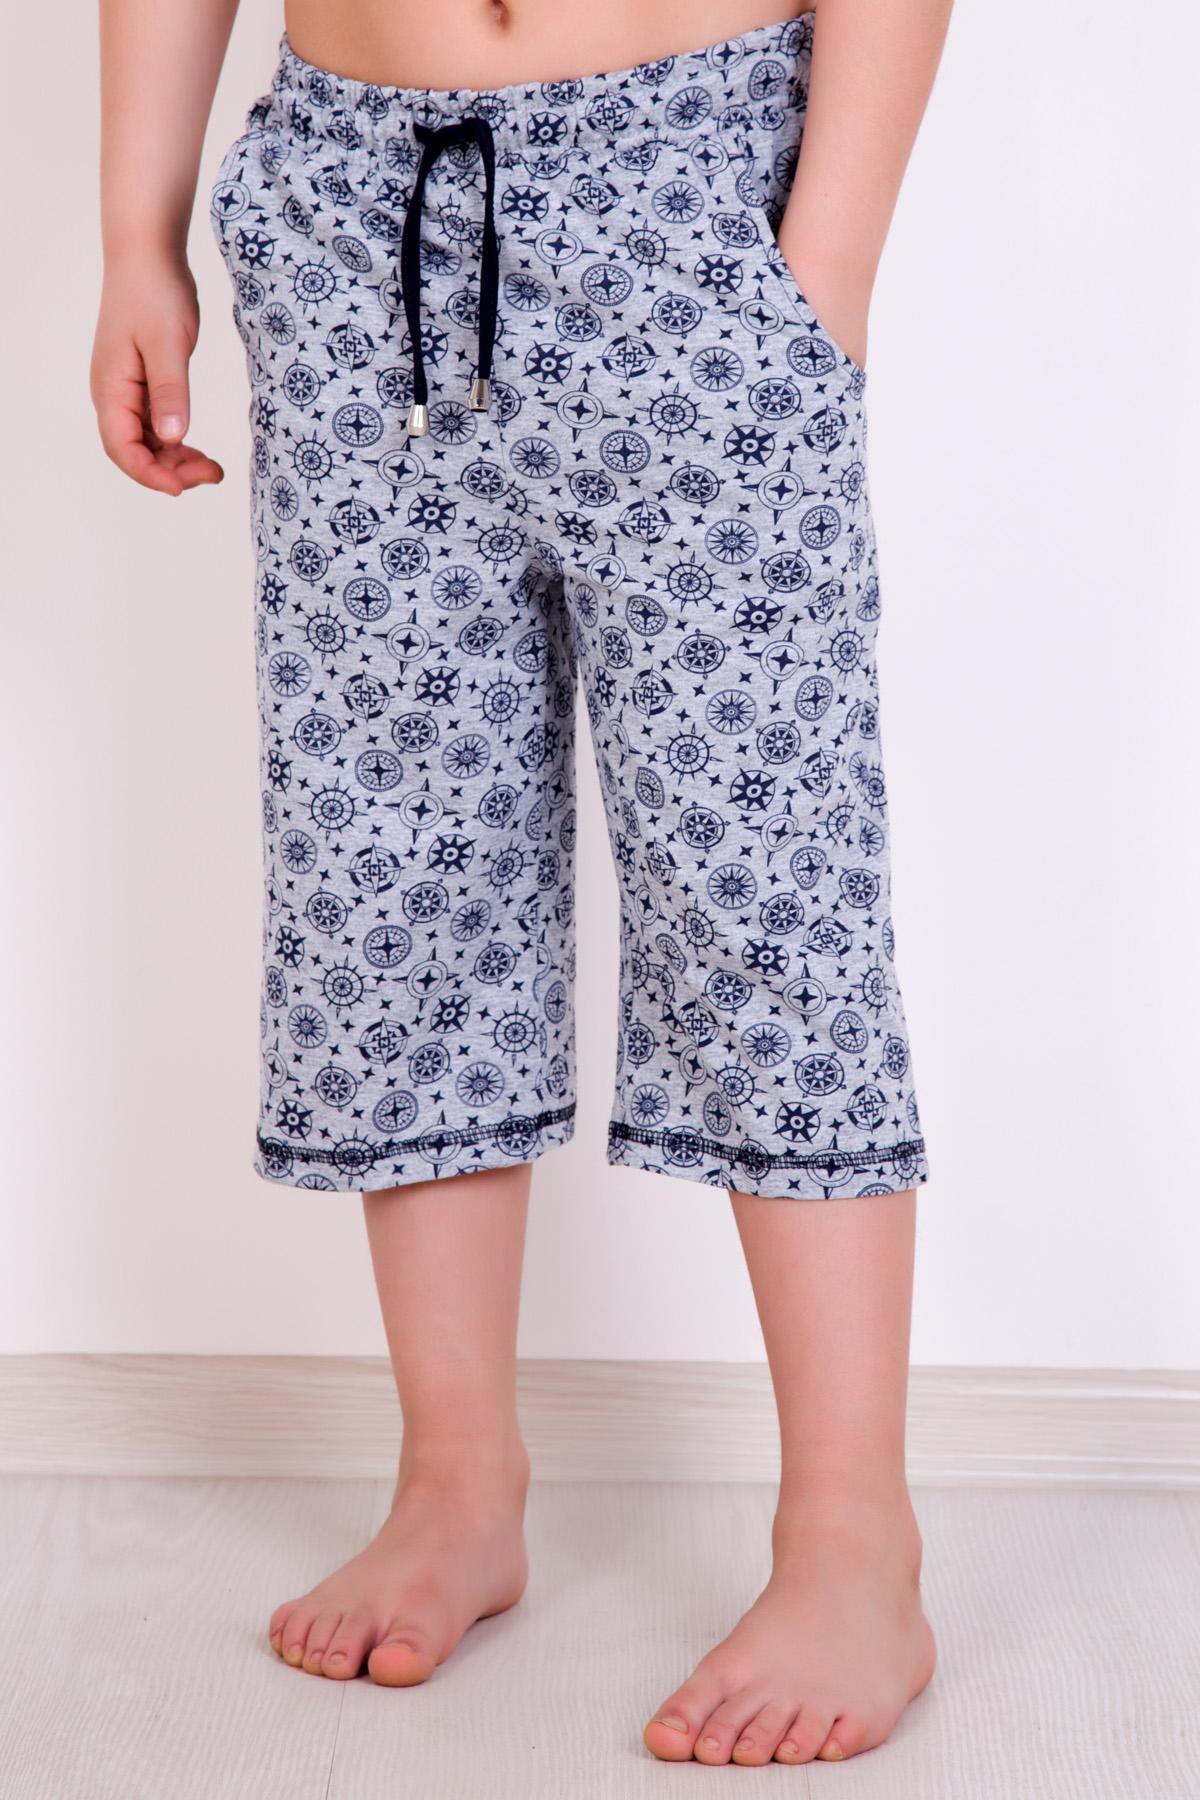 Дет. шорты Жан р. 32Шорты, бриджи, брюки<br><br><br>Тип: Дет. шорты<br>Размер: 32<br>Материал: Кулирка